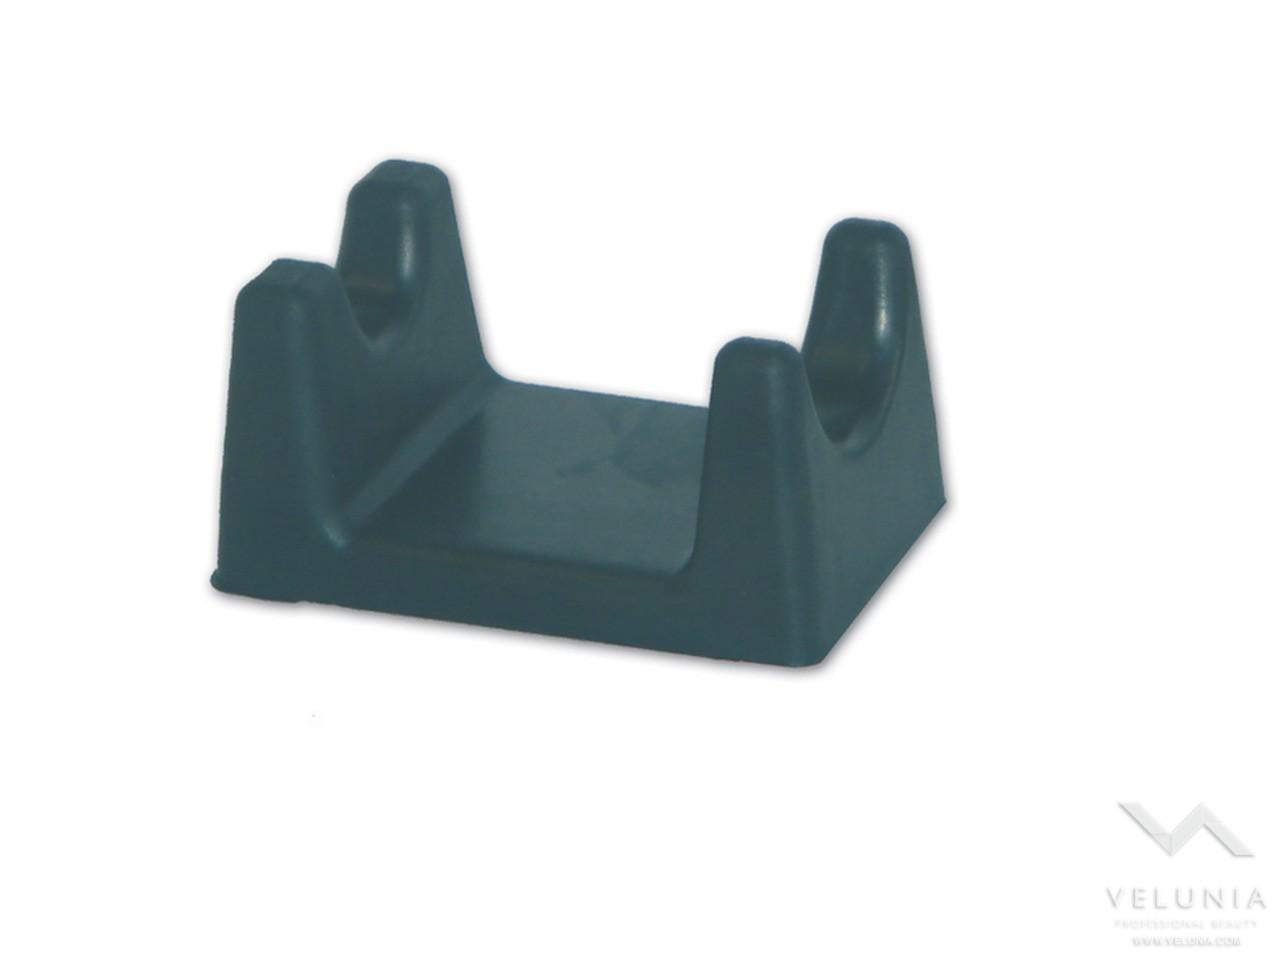 Basetta Poggiamanipolo Per Micromotore 1